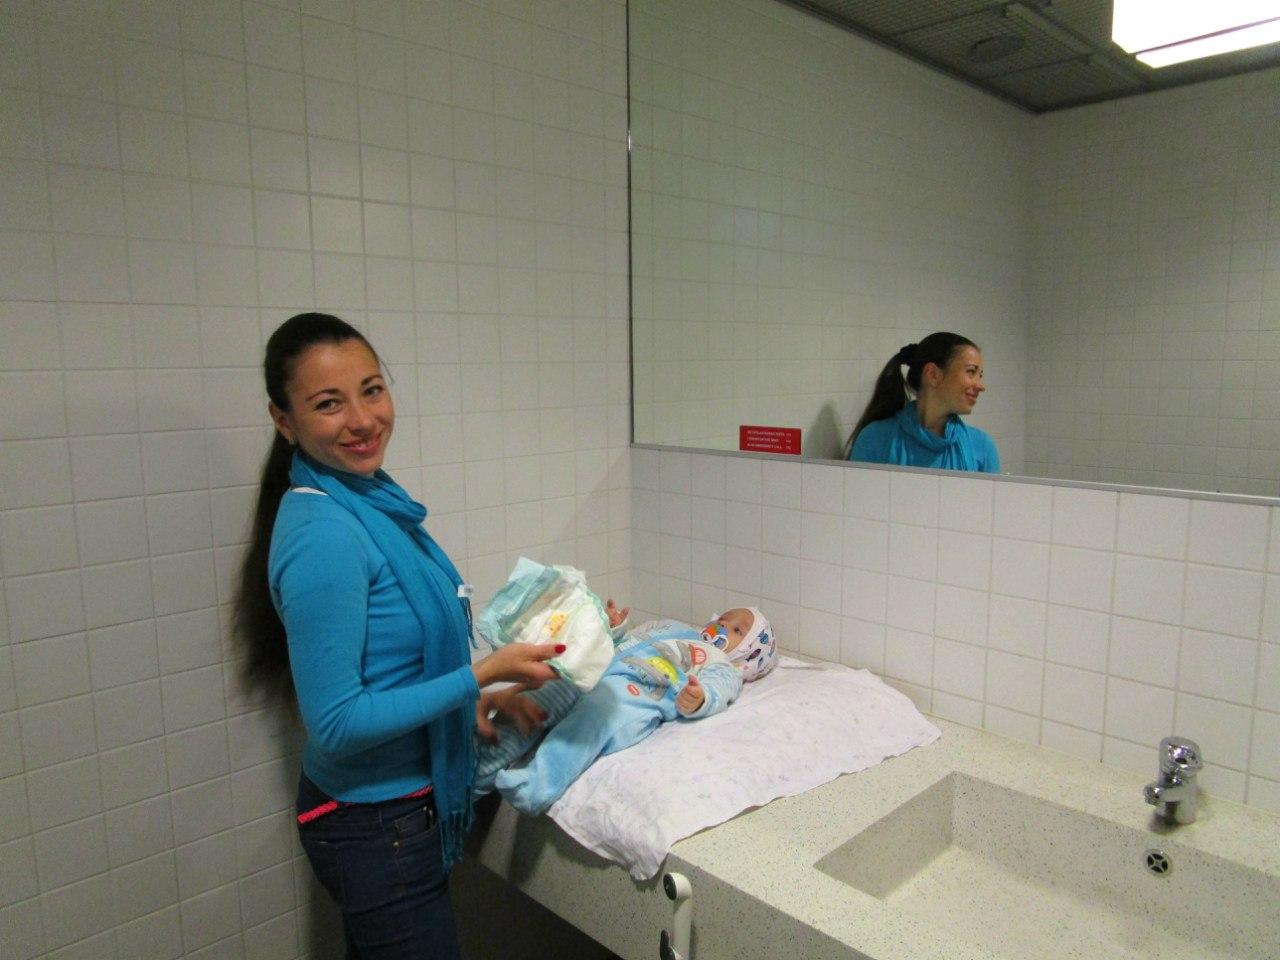 Комната матери и ребенка в аэропорту алматы фото